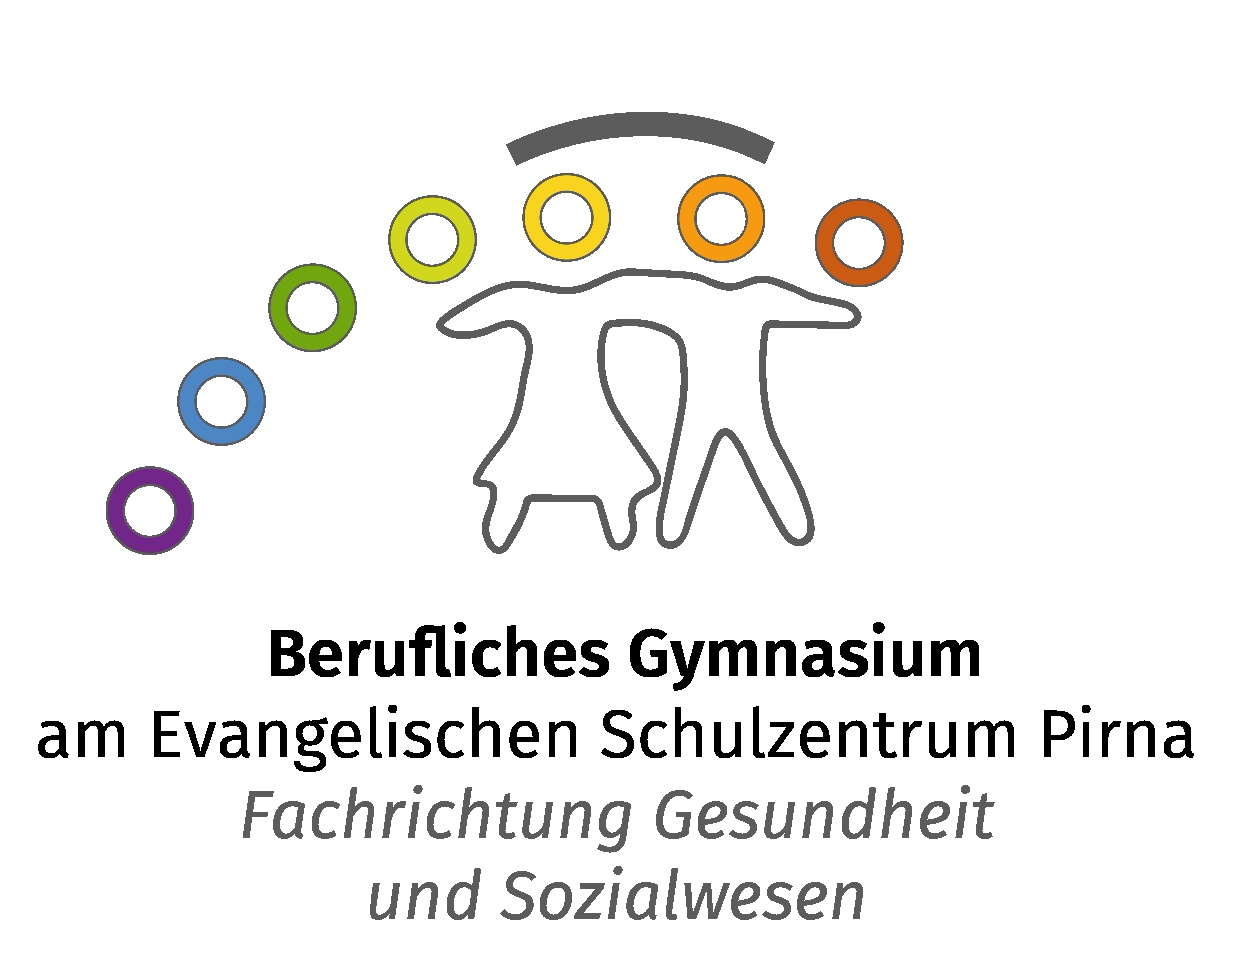 Berufliches Gymnasium Evangelischen Schulzentrum Pirna